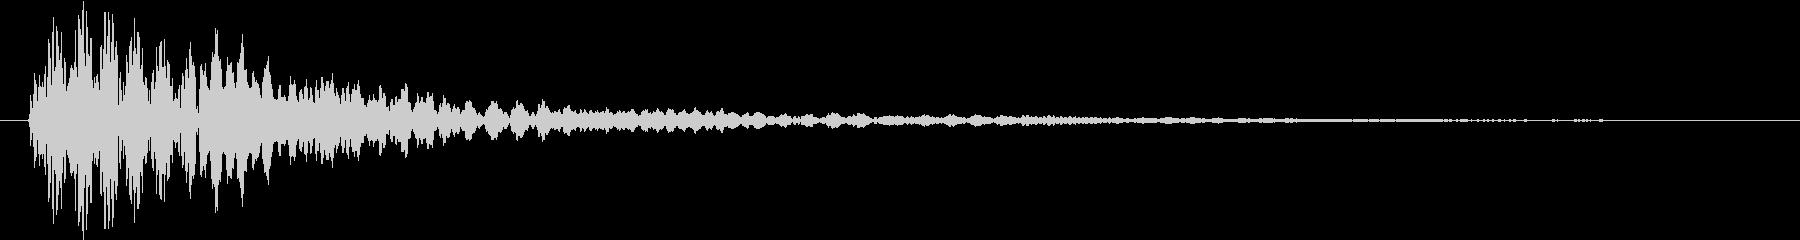 マリンバによるキャンセル音の未再生の波形